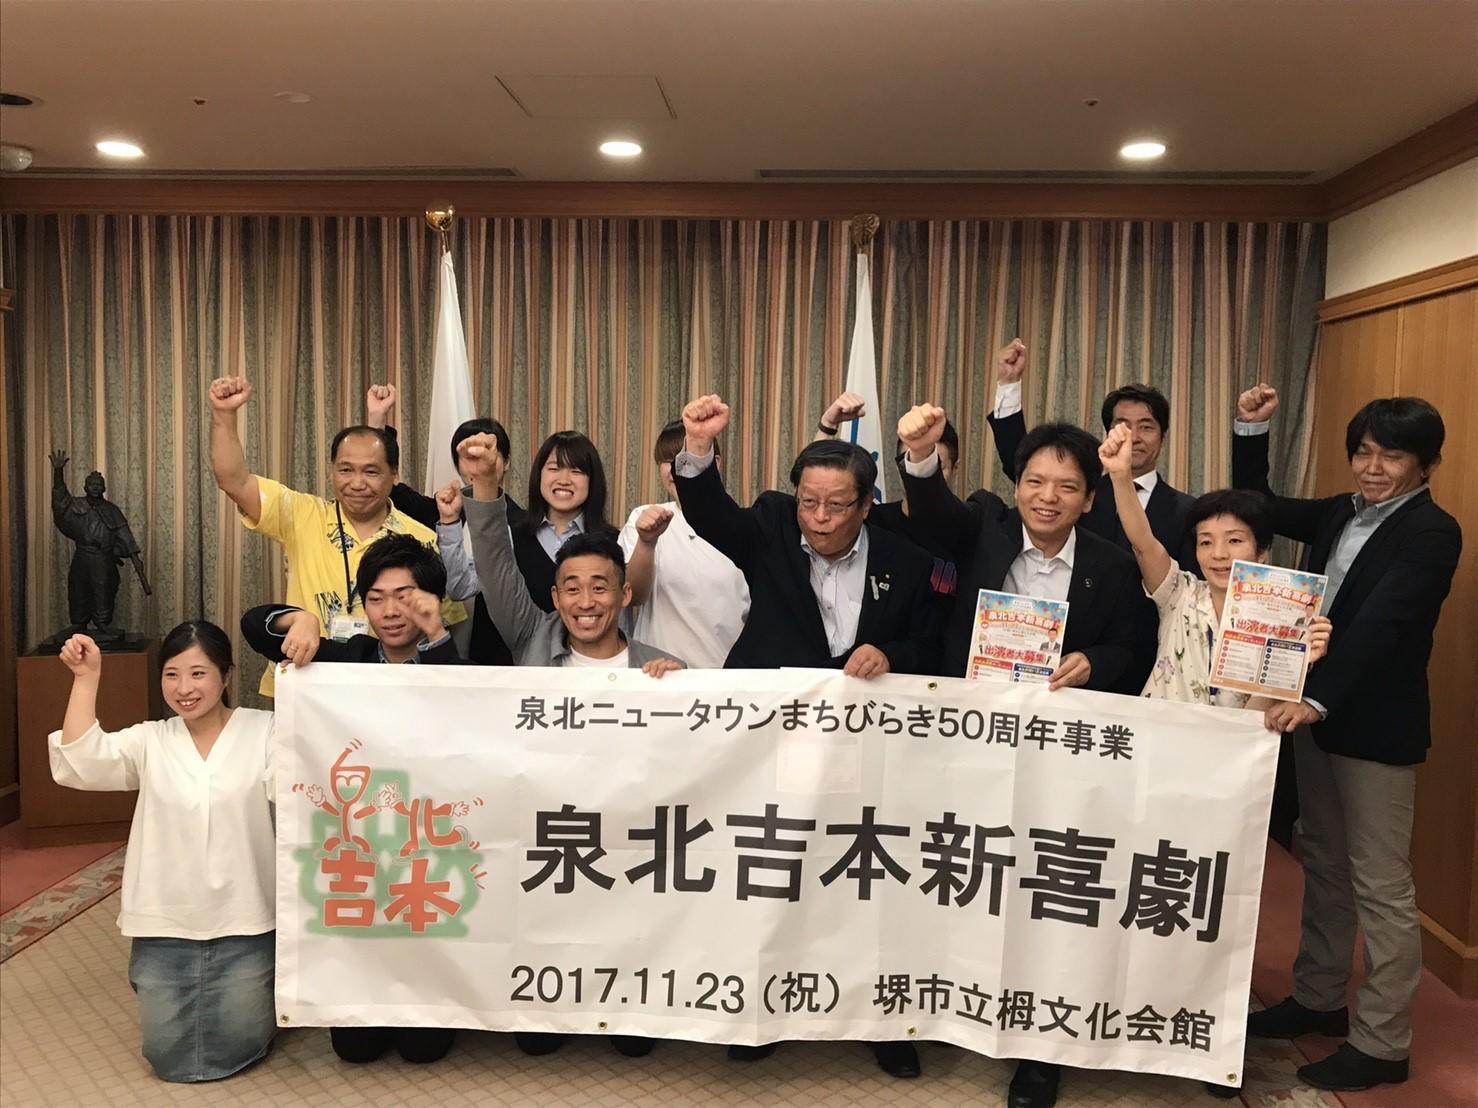 http://news.yoshimoto.co.jp/20170629191321-f0c821fa2654ad19e7689908794af3f84ebc7fcd.jpg